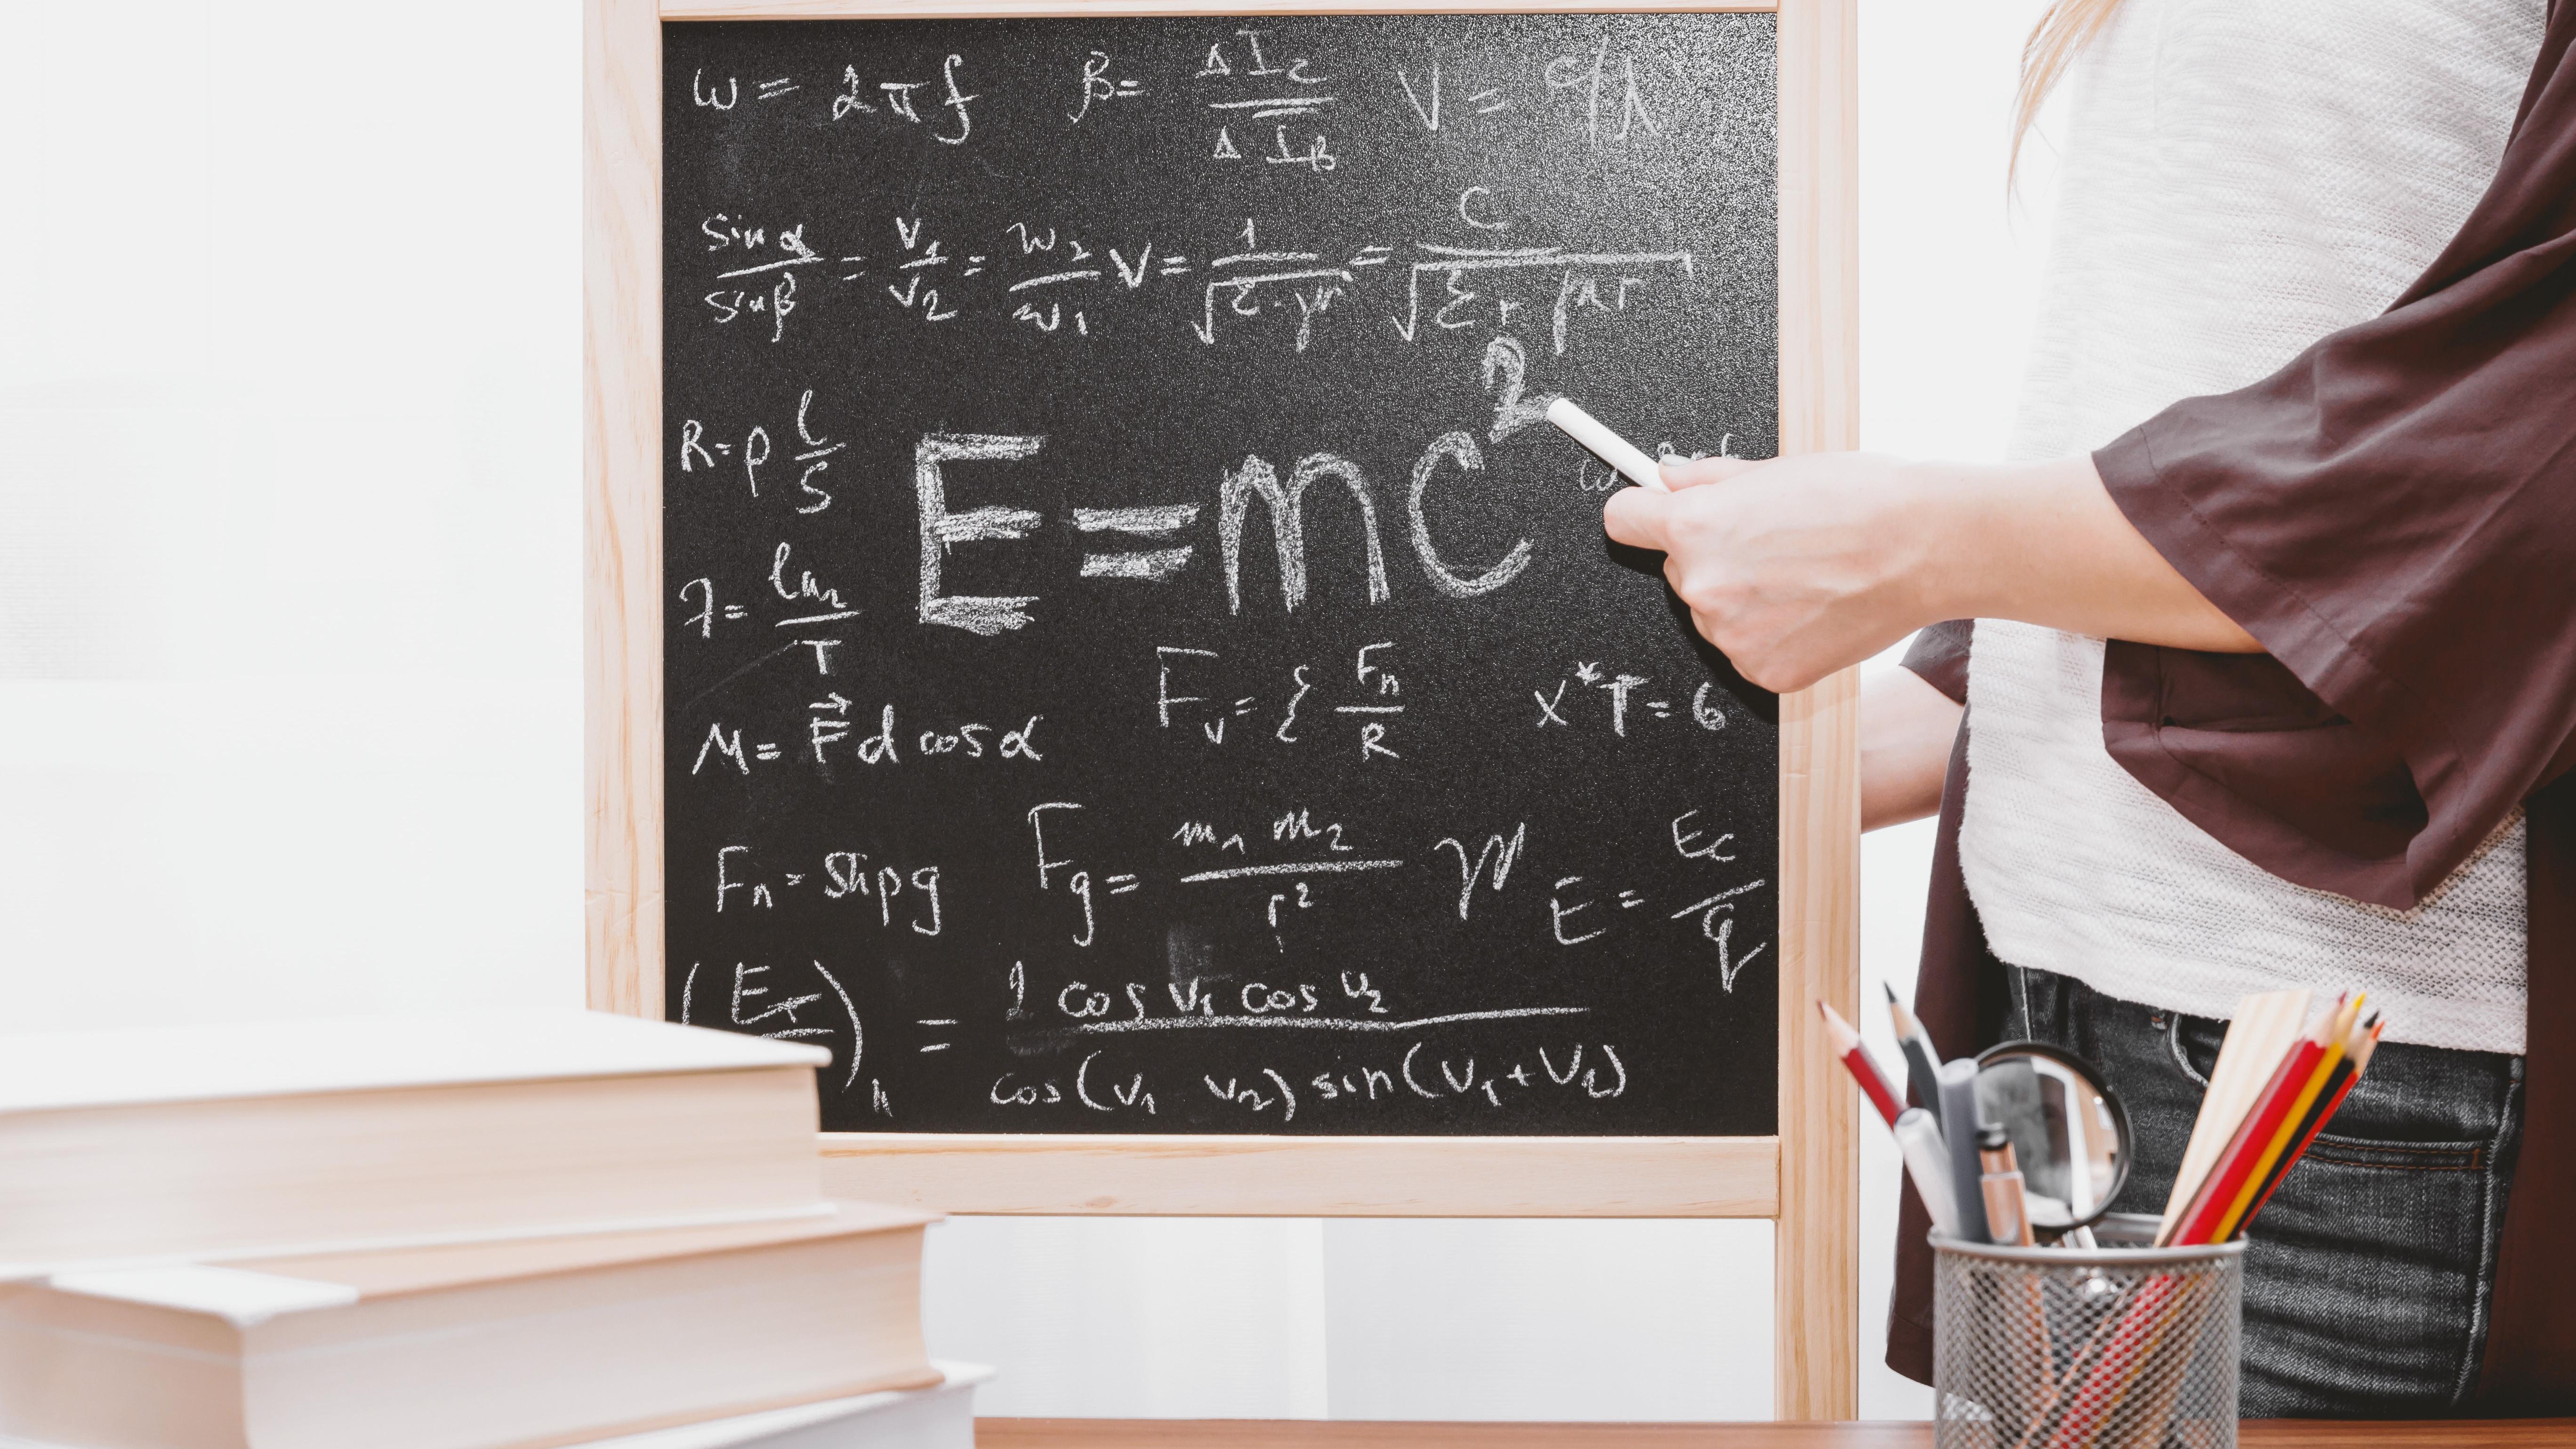 Мособлгосэкспертиза одобрила проект строительства учебной пристройки в Лобне